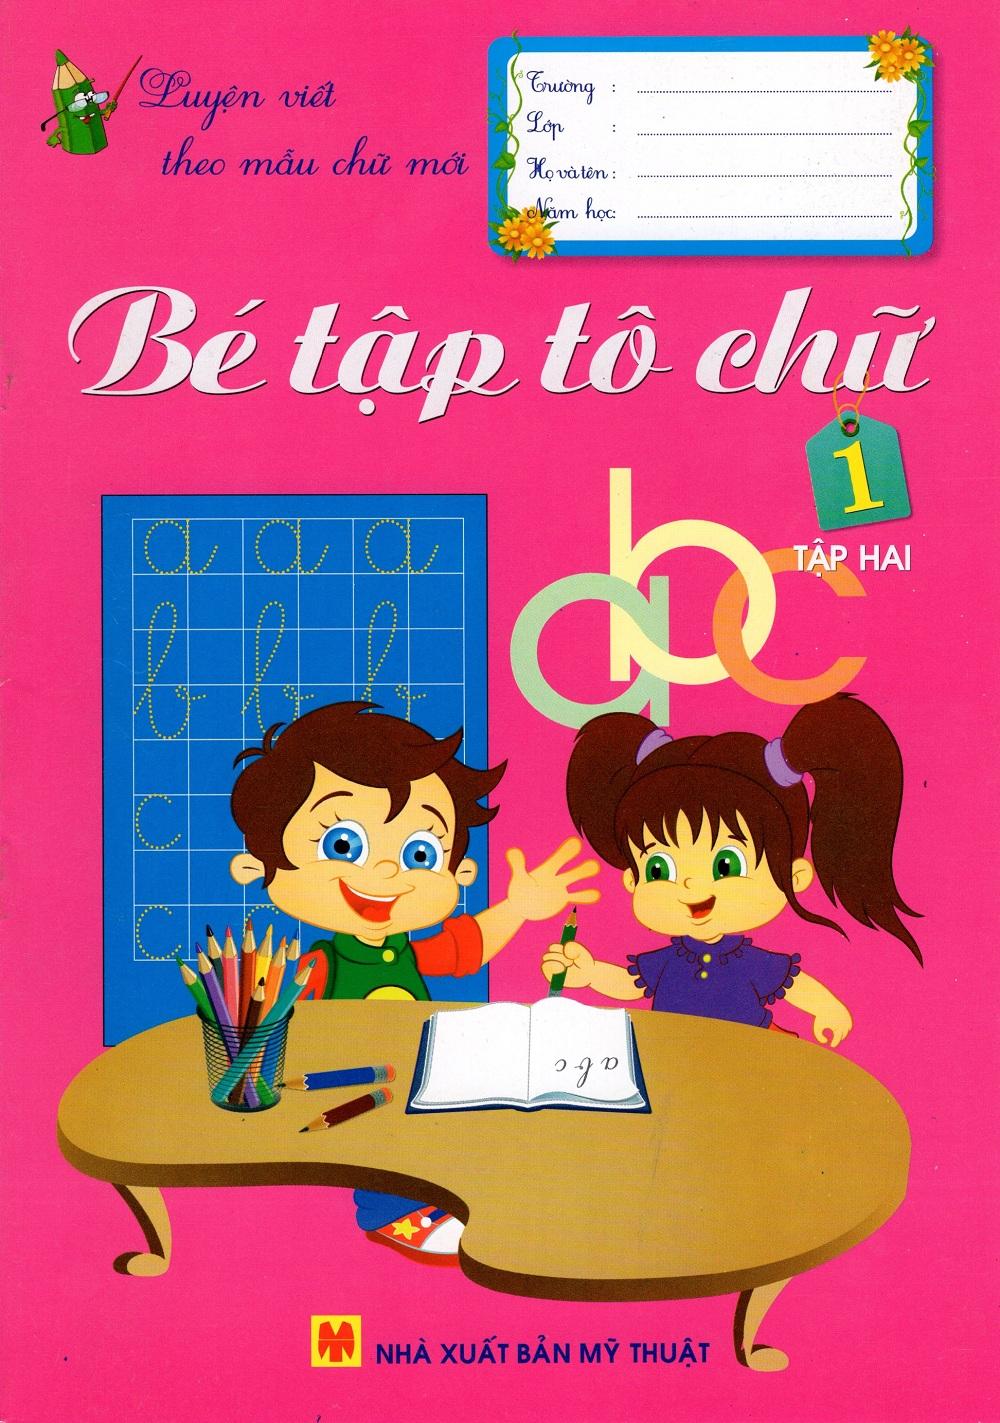 Bìa sách Bé Tập Tô Chữ Lớp 1 (Tập Hai)